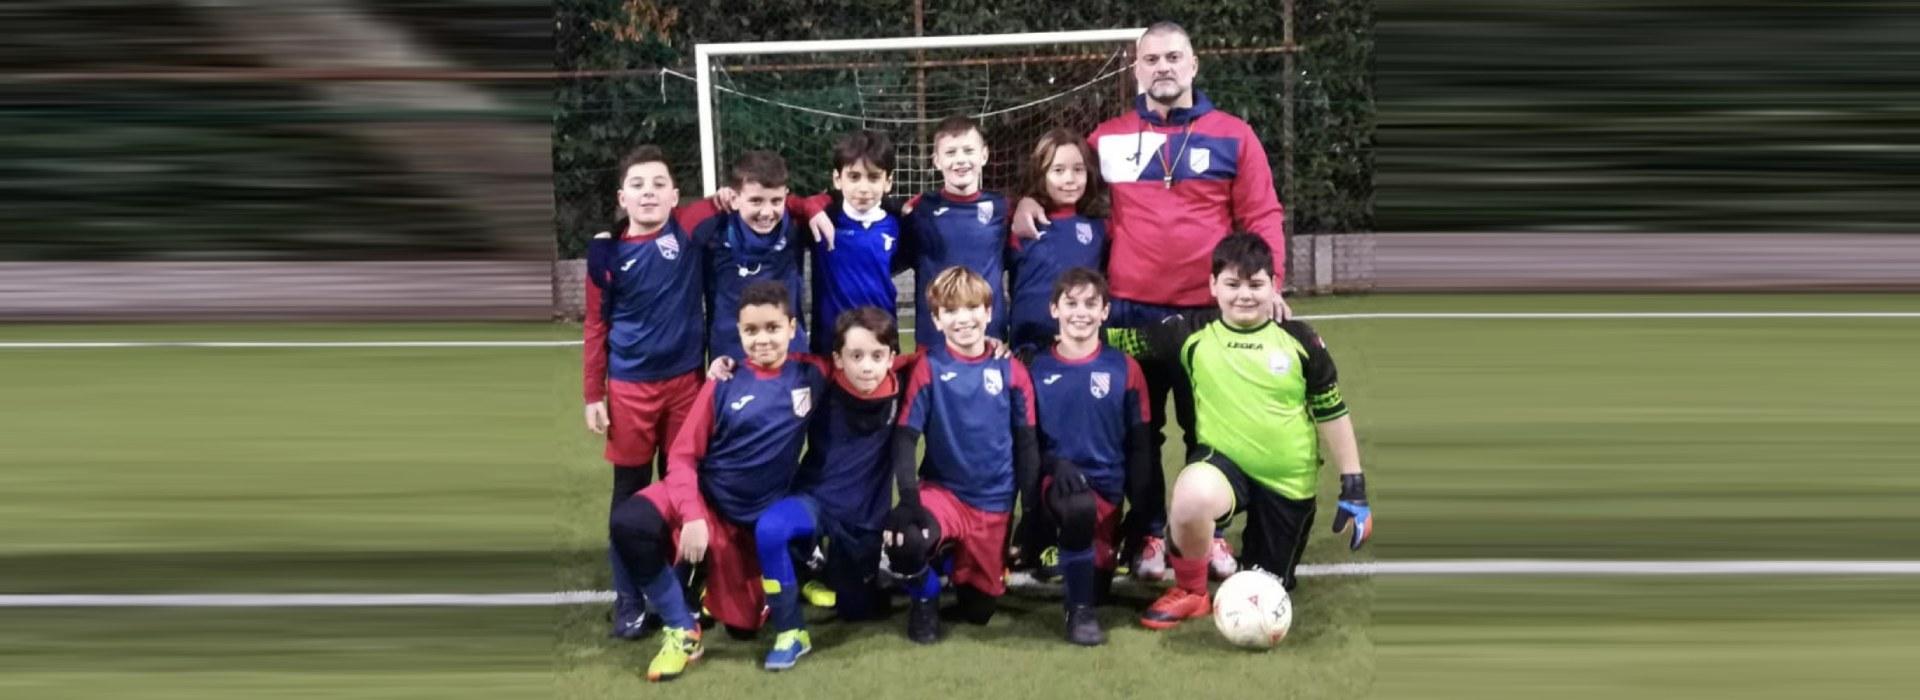 squadra under 11 calcio a 5 roma san gaspare